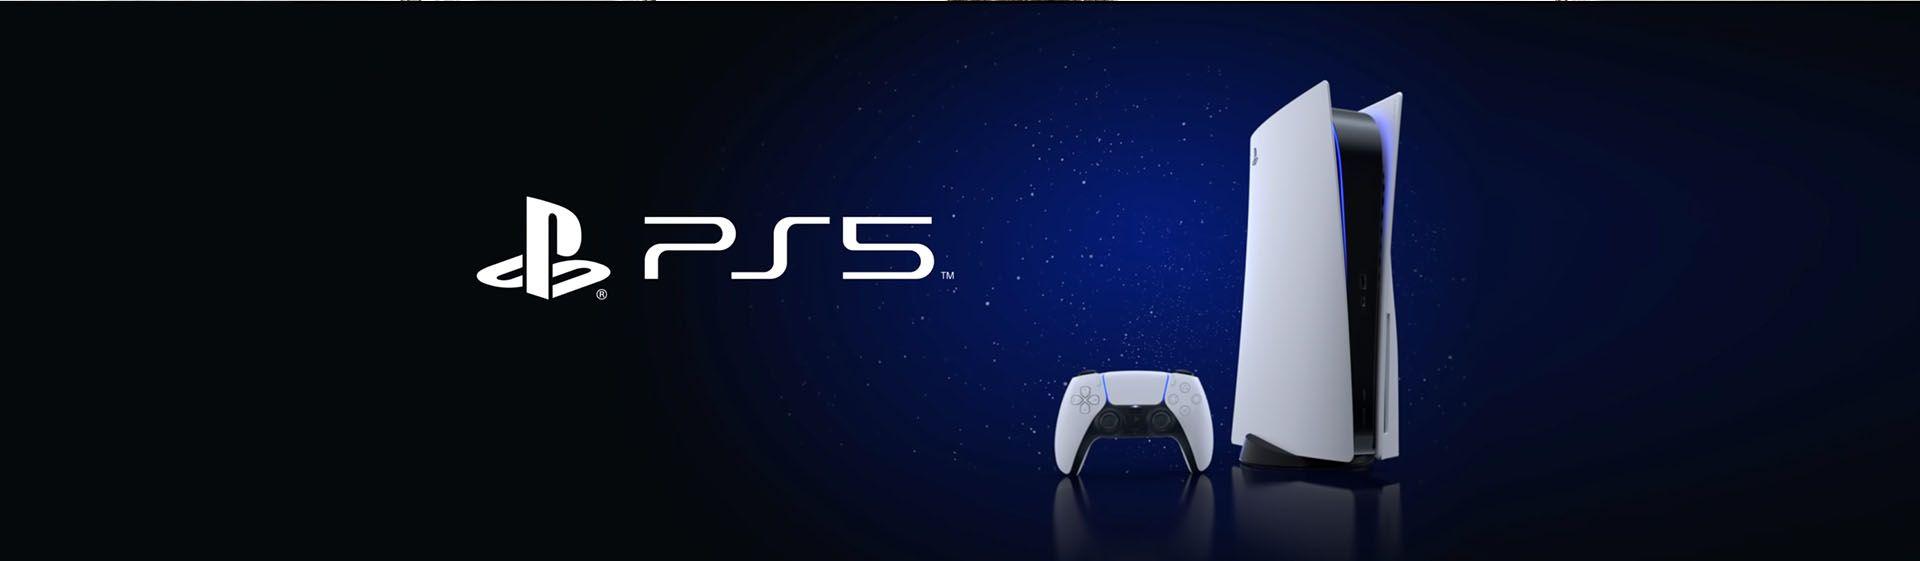 PlayStation 5 vale a pena? Veja análise de especificações e jogos